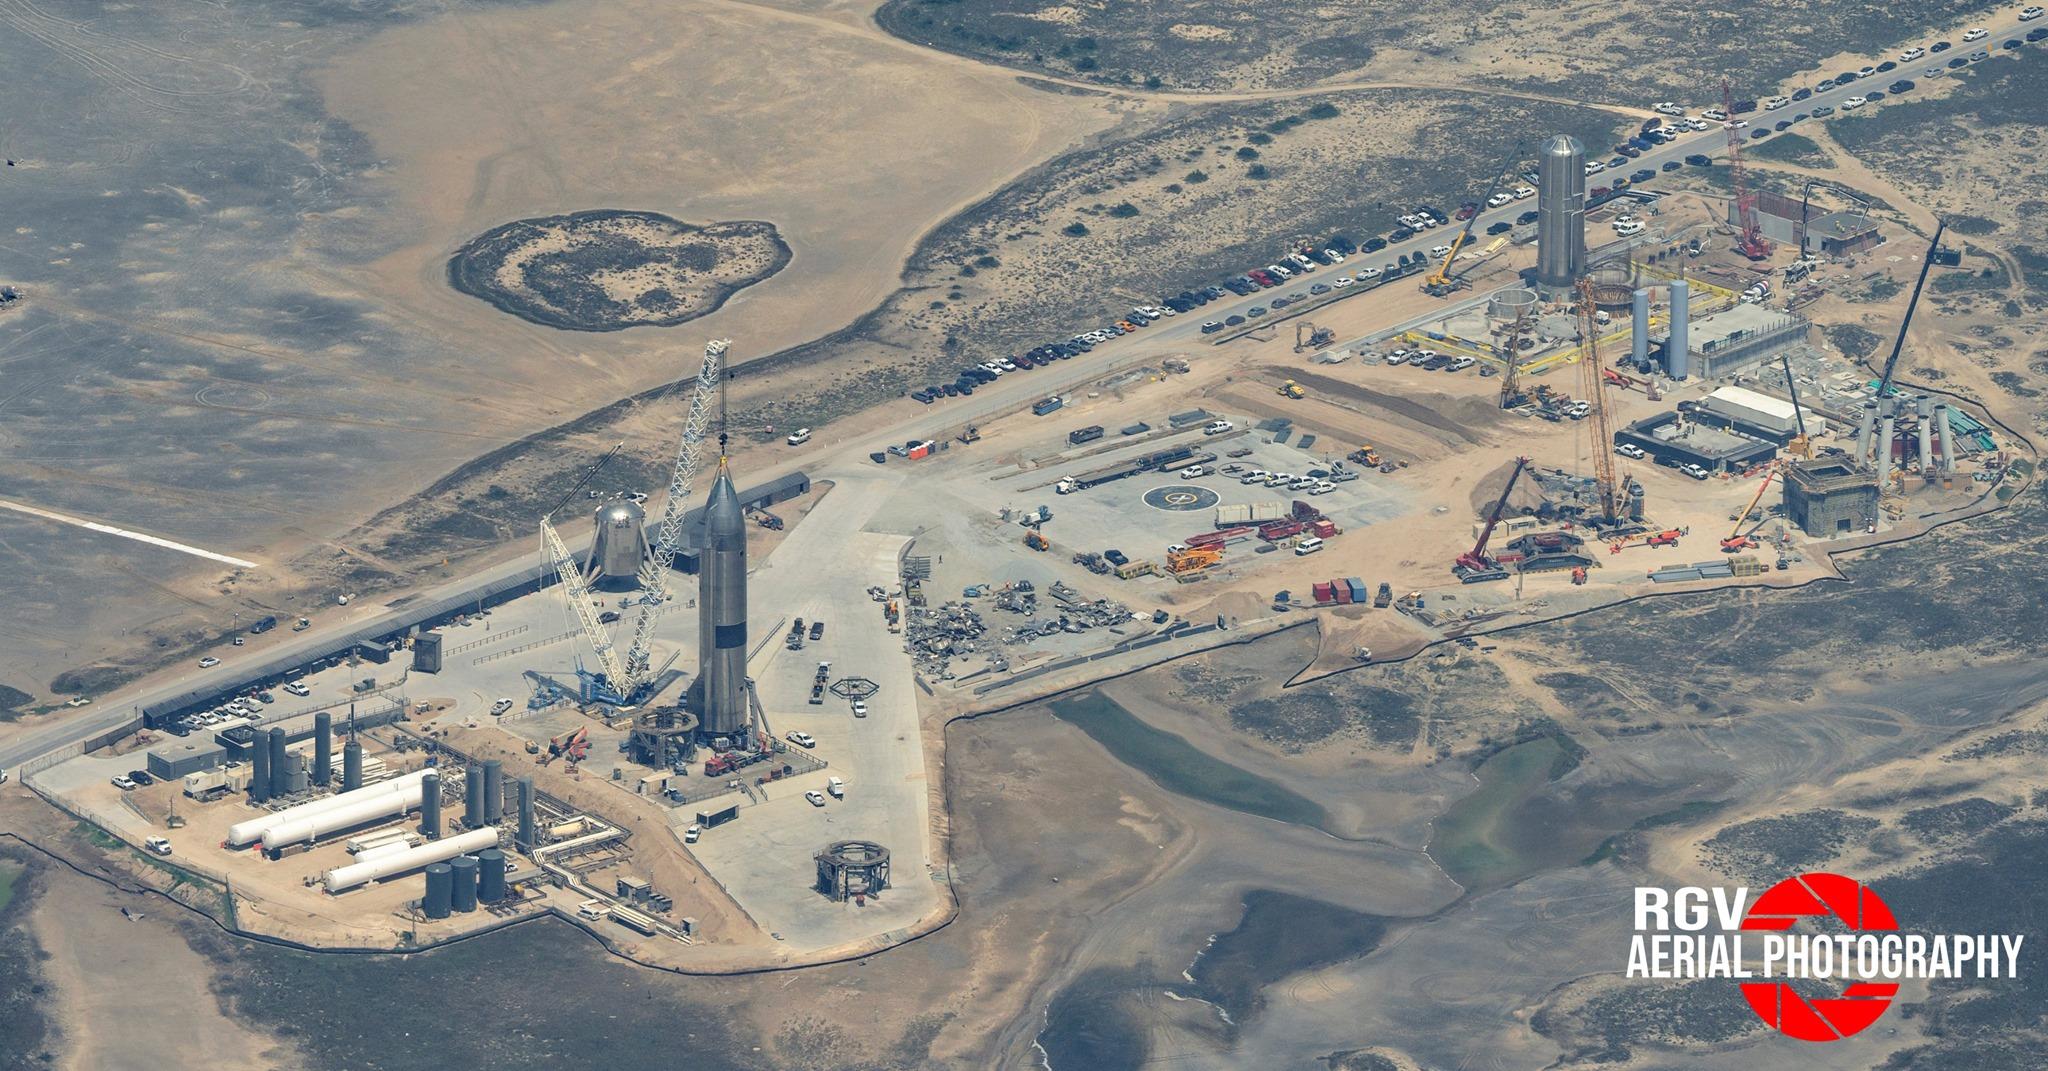 Il pad di lancio di Starbase, il cantiere dove SpaceX costruisce Starship e Moonship. Credits: RGVAerialPhotography.